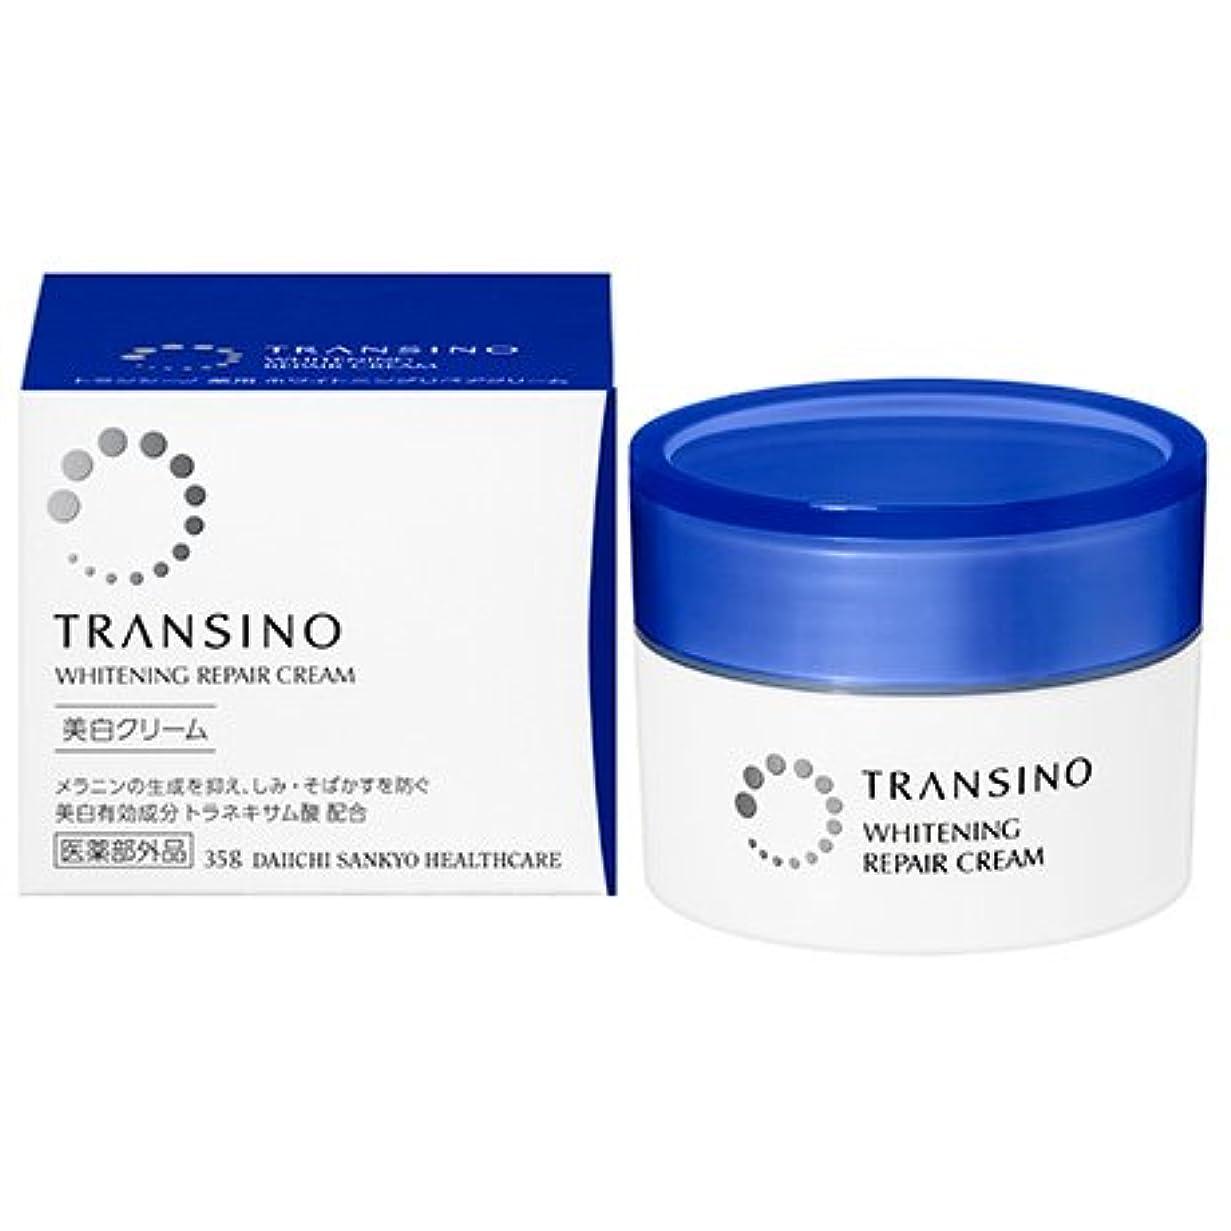 すべきペルー特派員第一三共ヘルスケア トランシーノ 薬用ホワイトニングリペアクリーム 35g [並行輸入品]